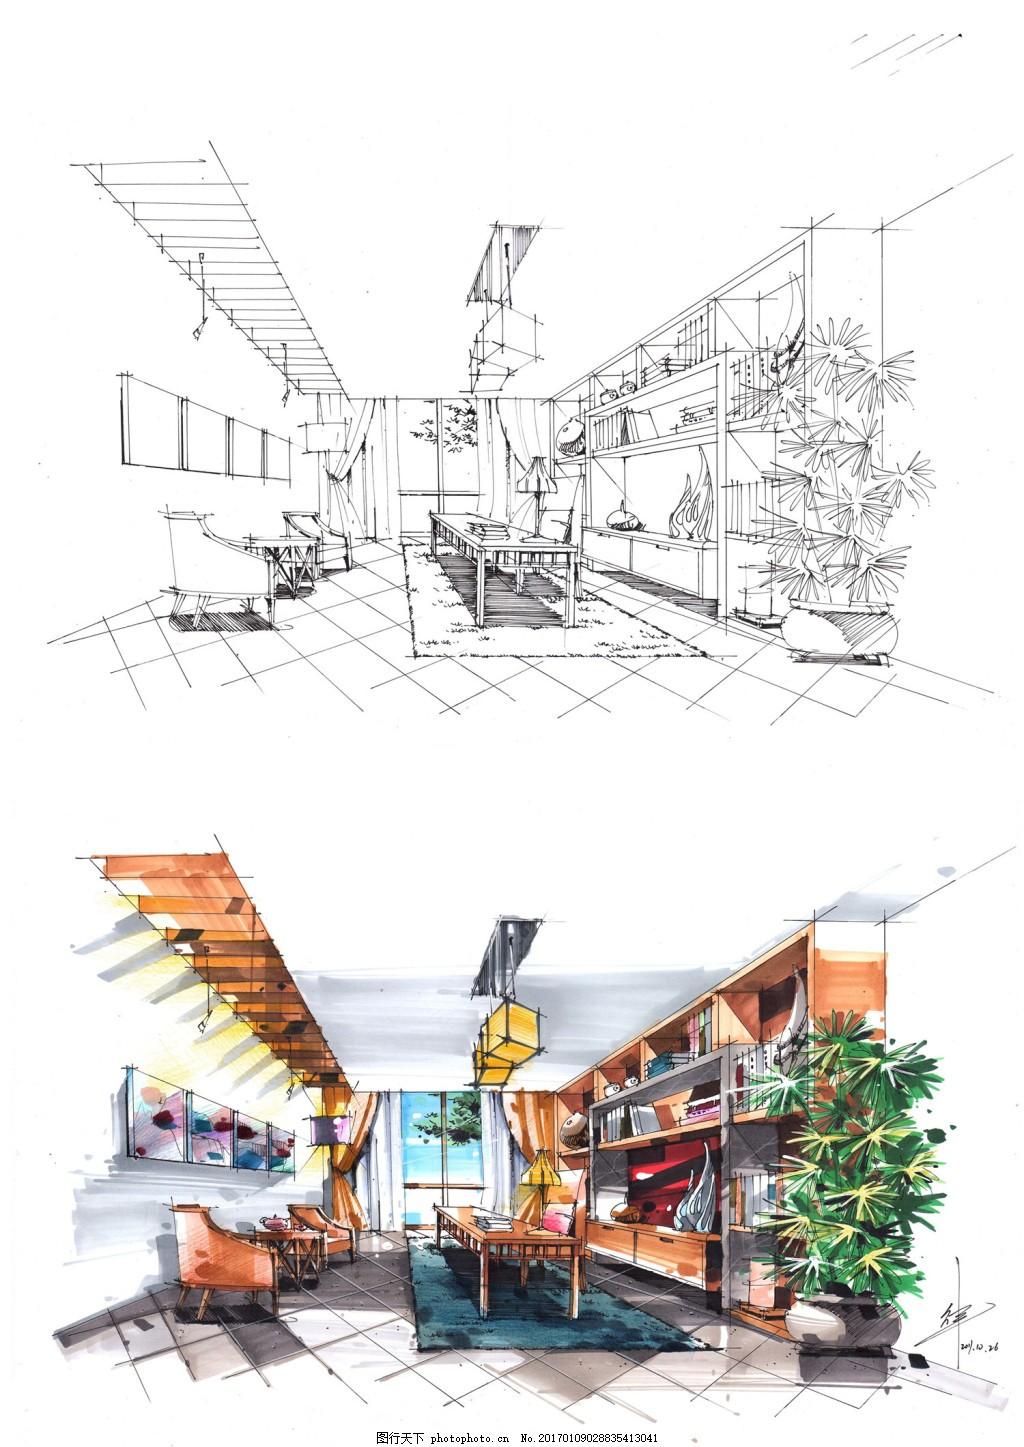 咖啡厅装修效果图 室内设计 工装效果图 工装平面图 施工图 工装效果